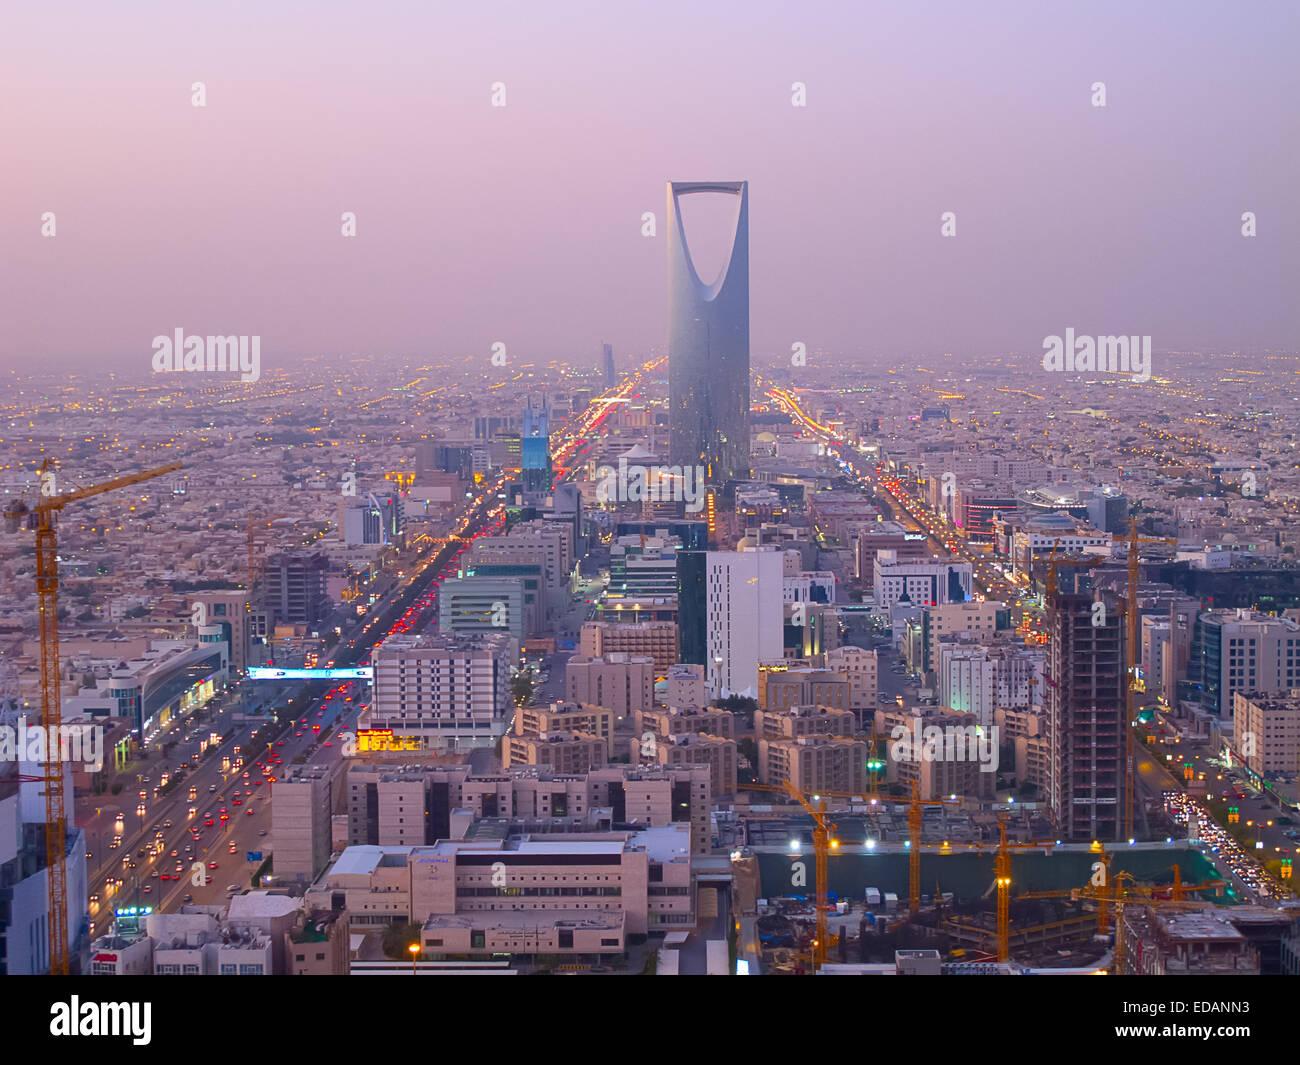 Ryad - 22 de diciembre: torre del Reino el 22 de diciembre de 2009 en Riad, Arabia Saudita. Reino Tower es un negocio Imagen De Stock